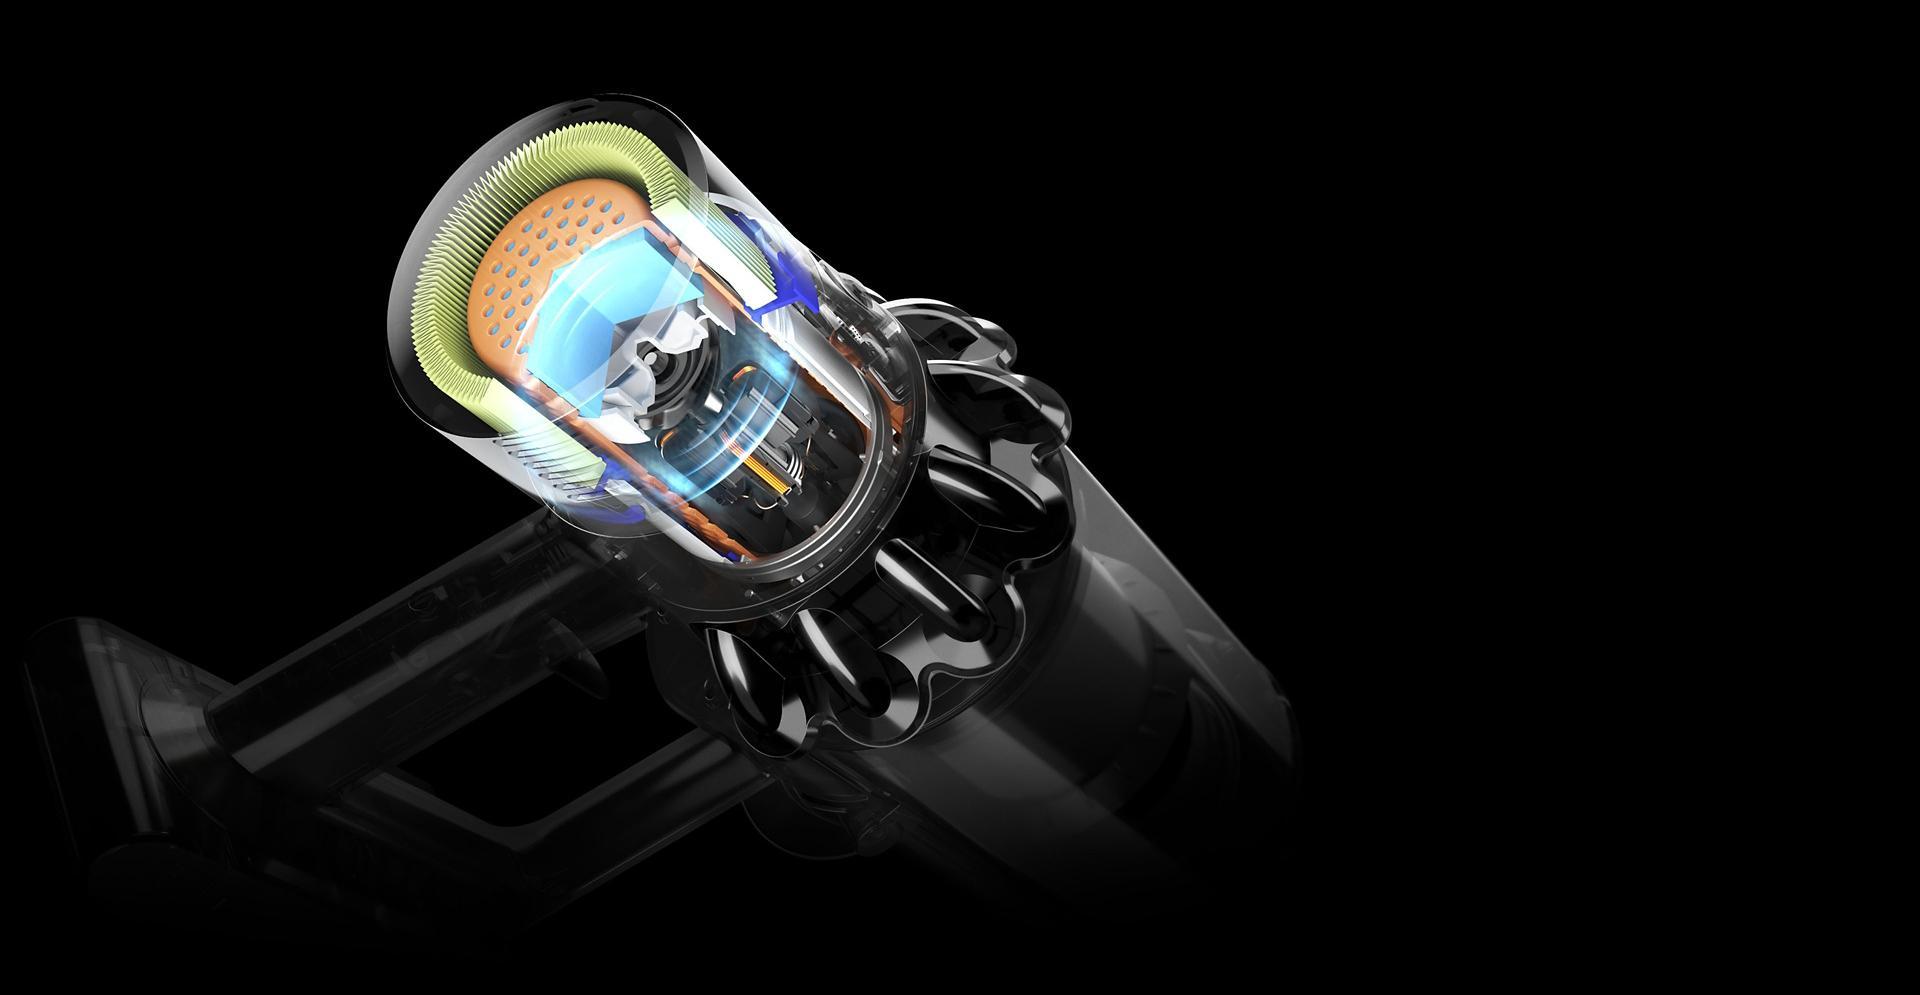 הדגמה של המנוע הדיגיטלי של V10